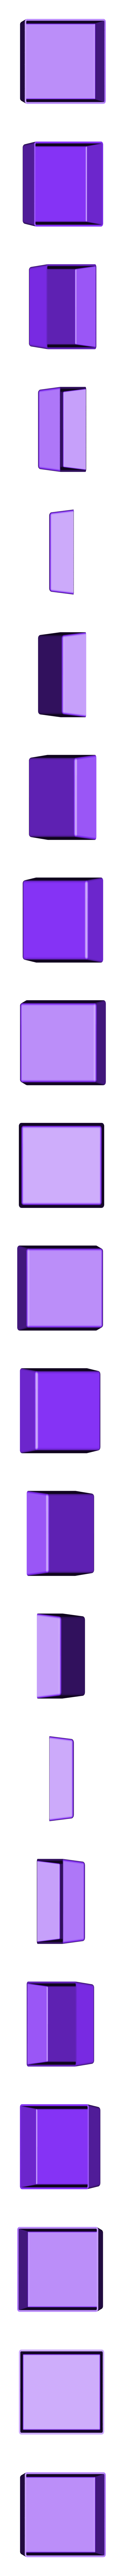 Container14x14x4.stl Télécharger fichier STL gratuit Panier carré • Modèle à imprimer en 3D, Xenice